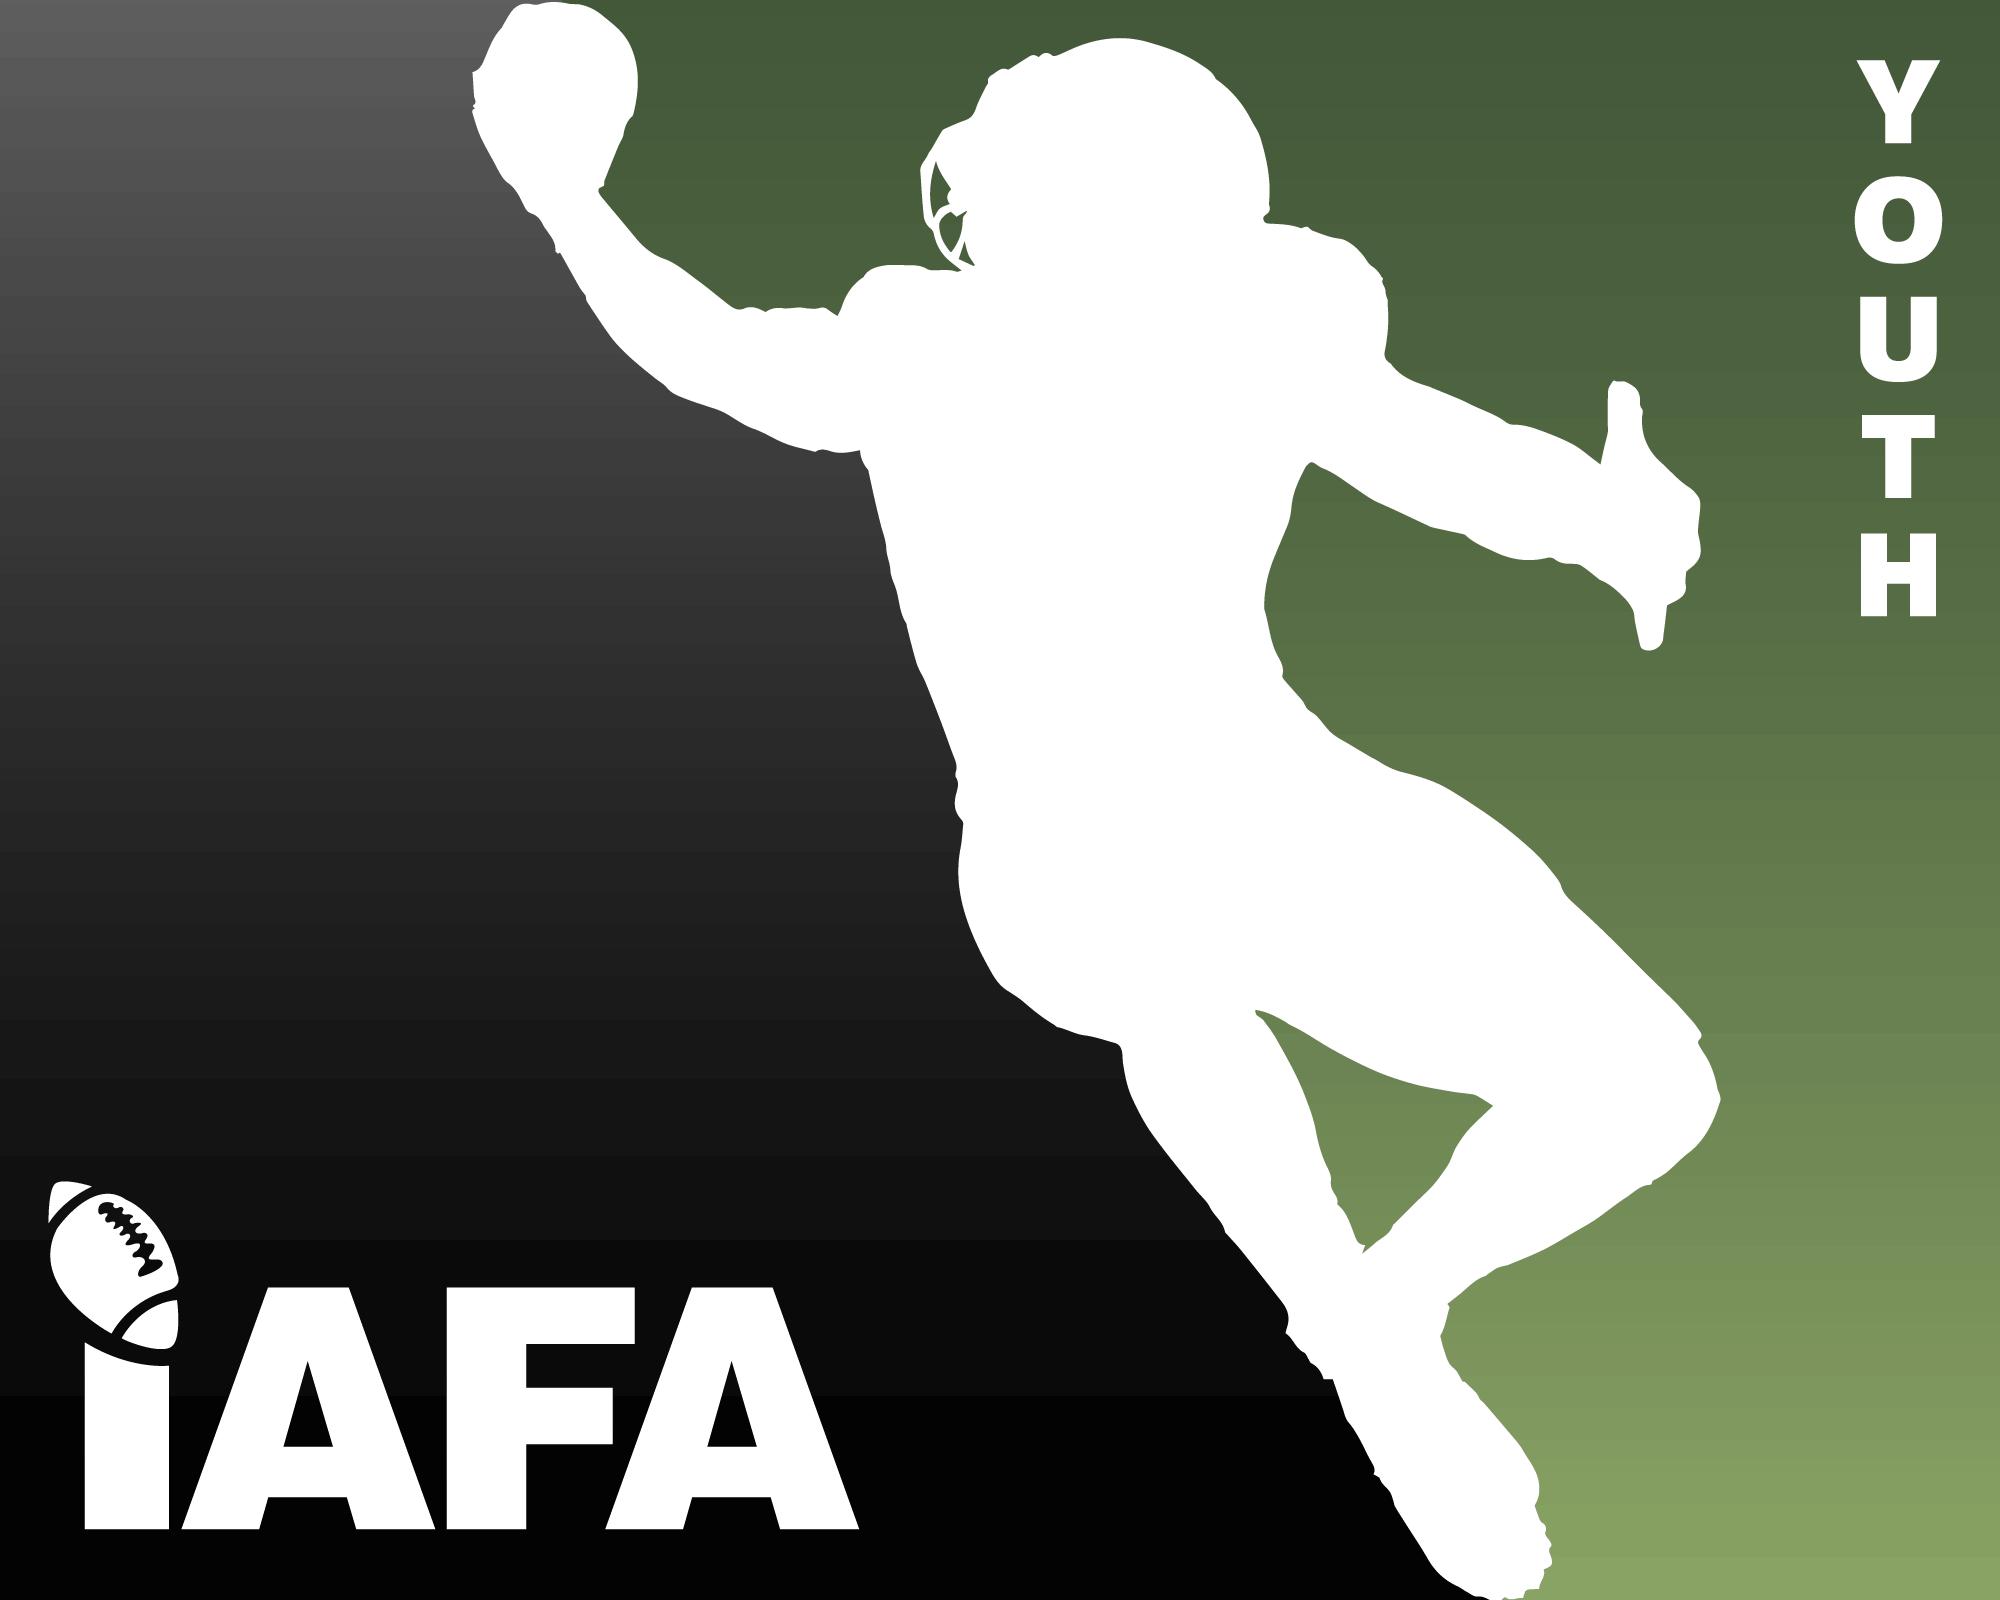 IAFA_Logos_2018_Youth